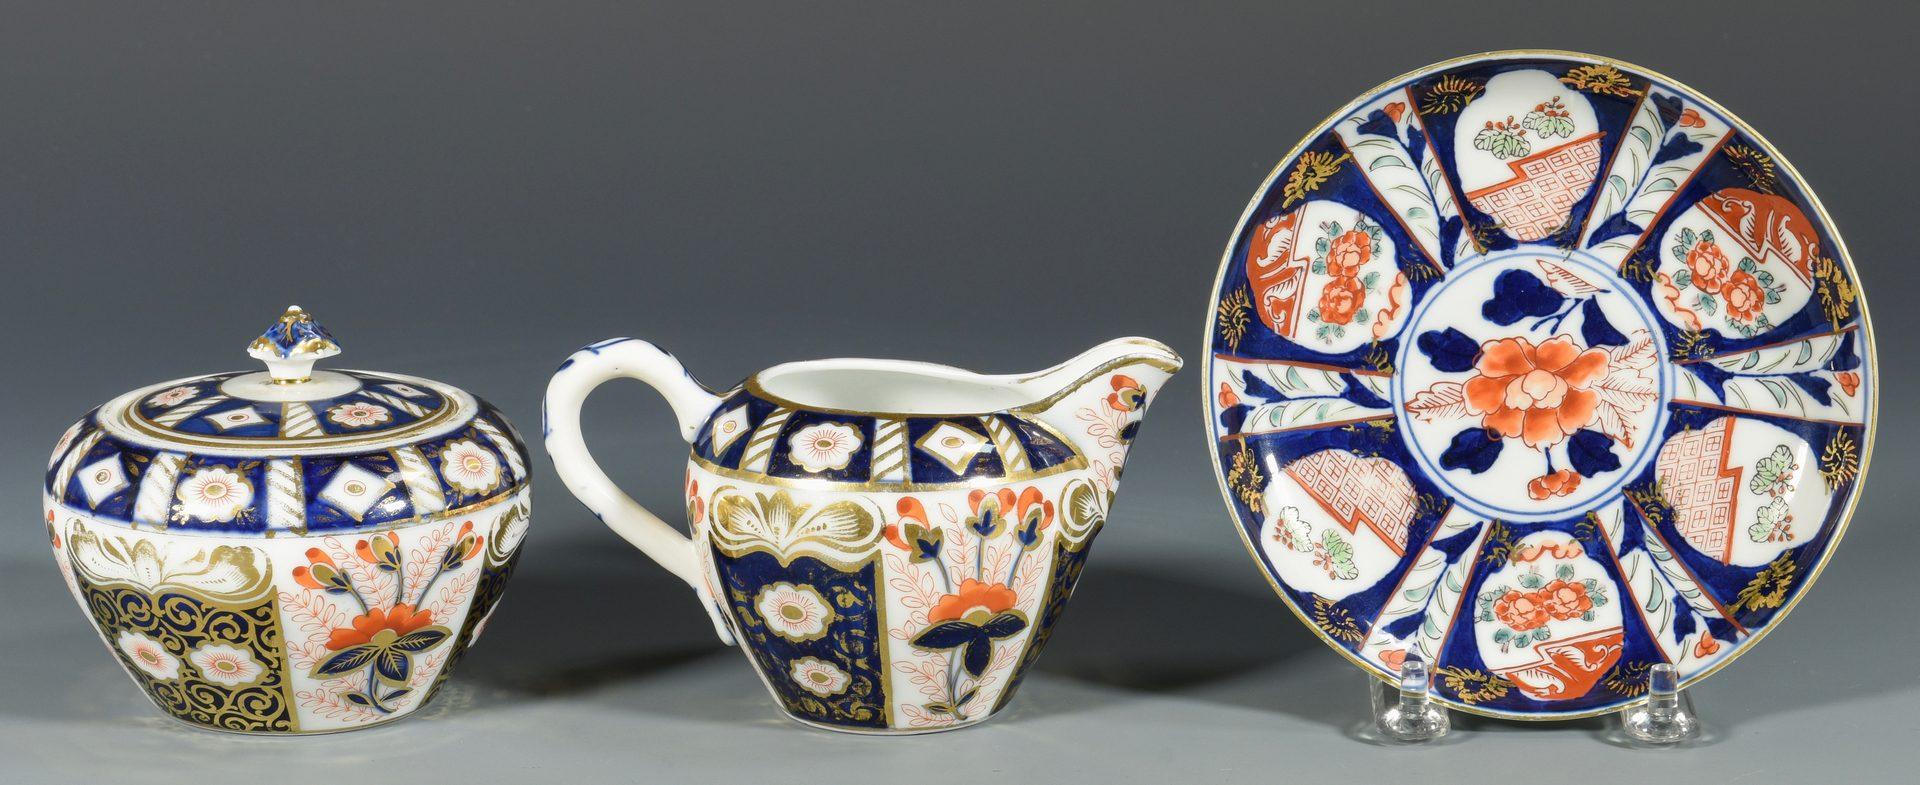 Lot 681: 13 pcs English Imari style Porcelain, 19th c.-early 20th c.